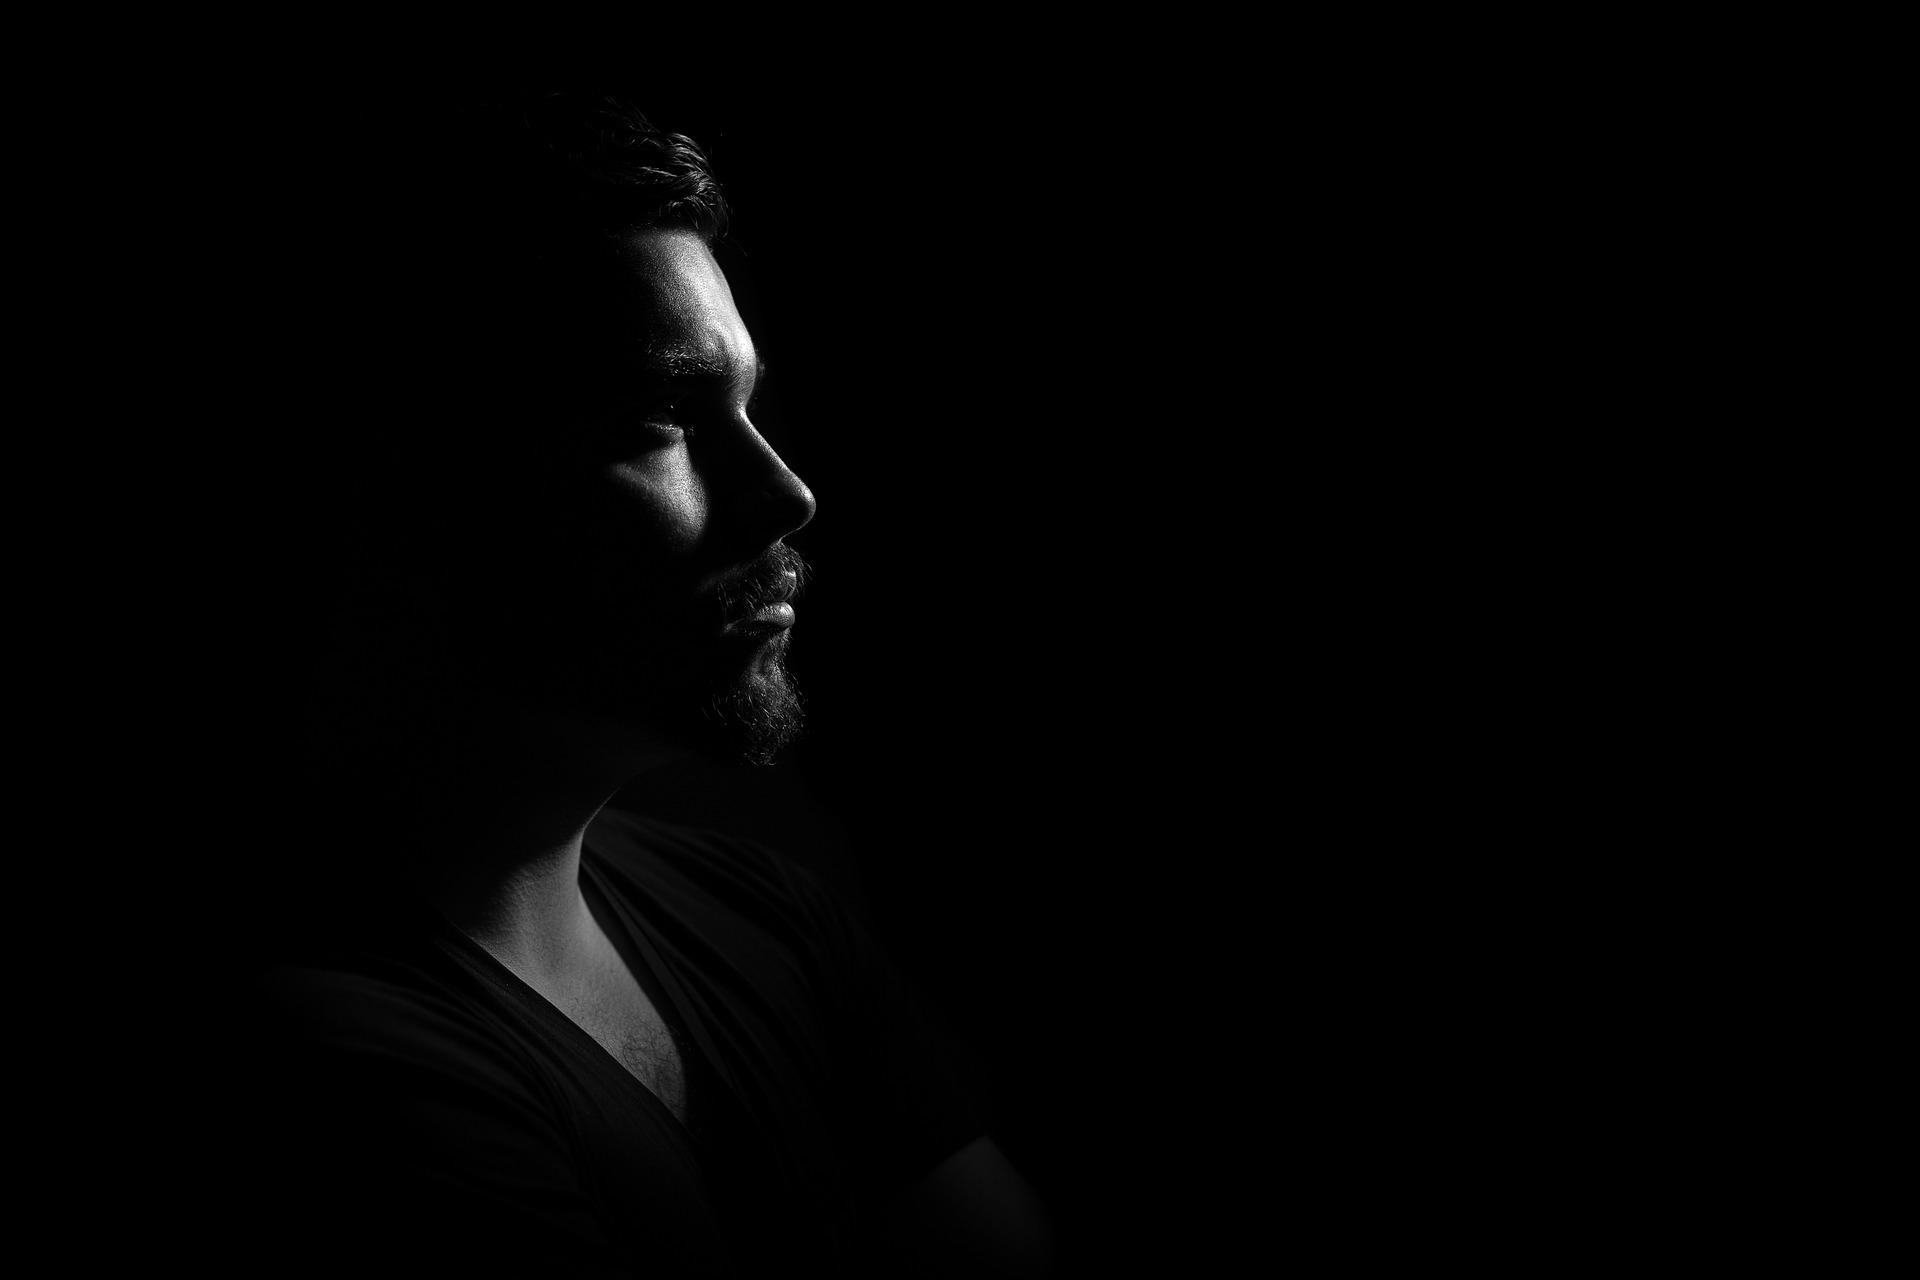 Психолог рассказал о мужских страхах